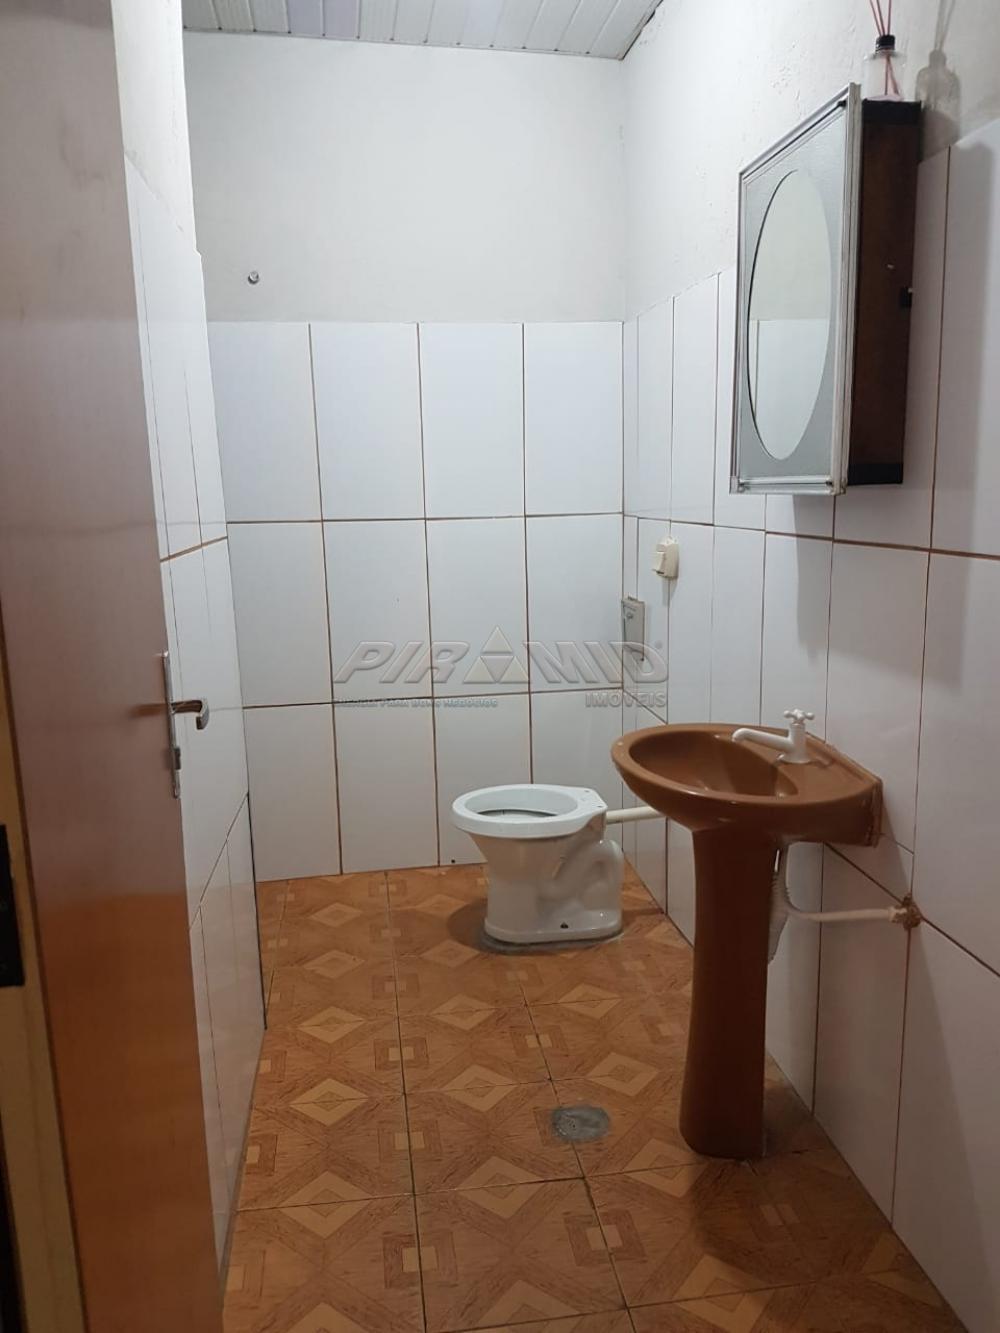 Comprar Casa / Padrão em Ribeirão Preto apenas R$ 180.000,00 - Foto 10